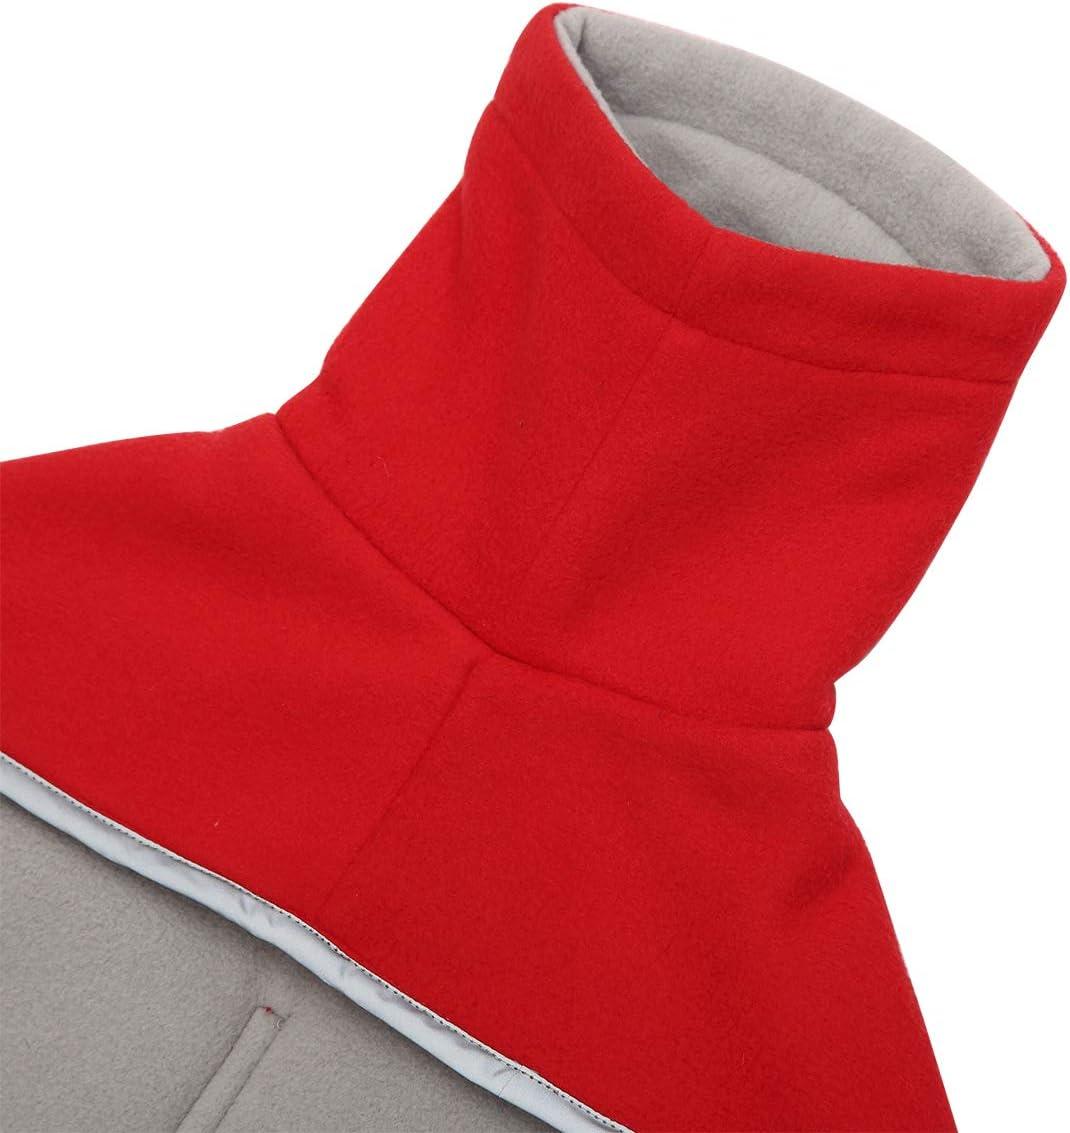 abrigo de invierno para perro con forro polar acolchado y cuello alto traje de nieve para perro con bandas ajustables Rojo Morezi Abrigo de perro perfecto para perros salchichas XL